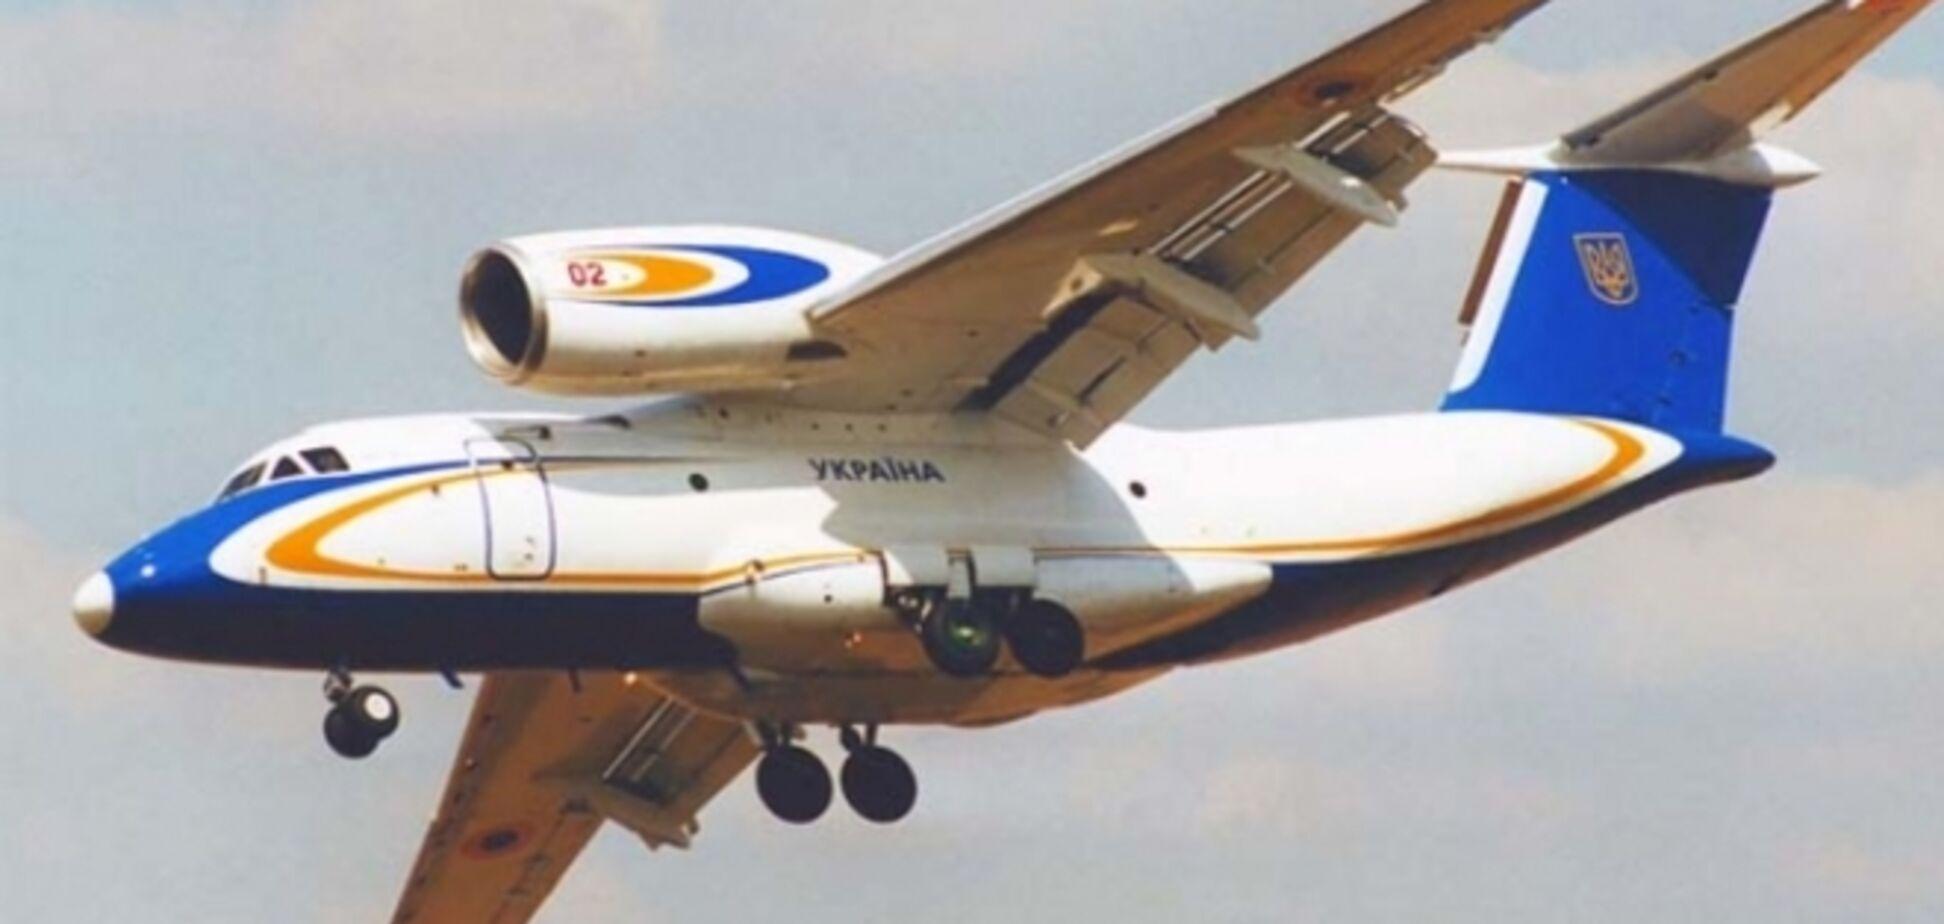 Нацгвардия получила патрульный самолет Ан-72